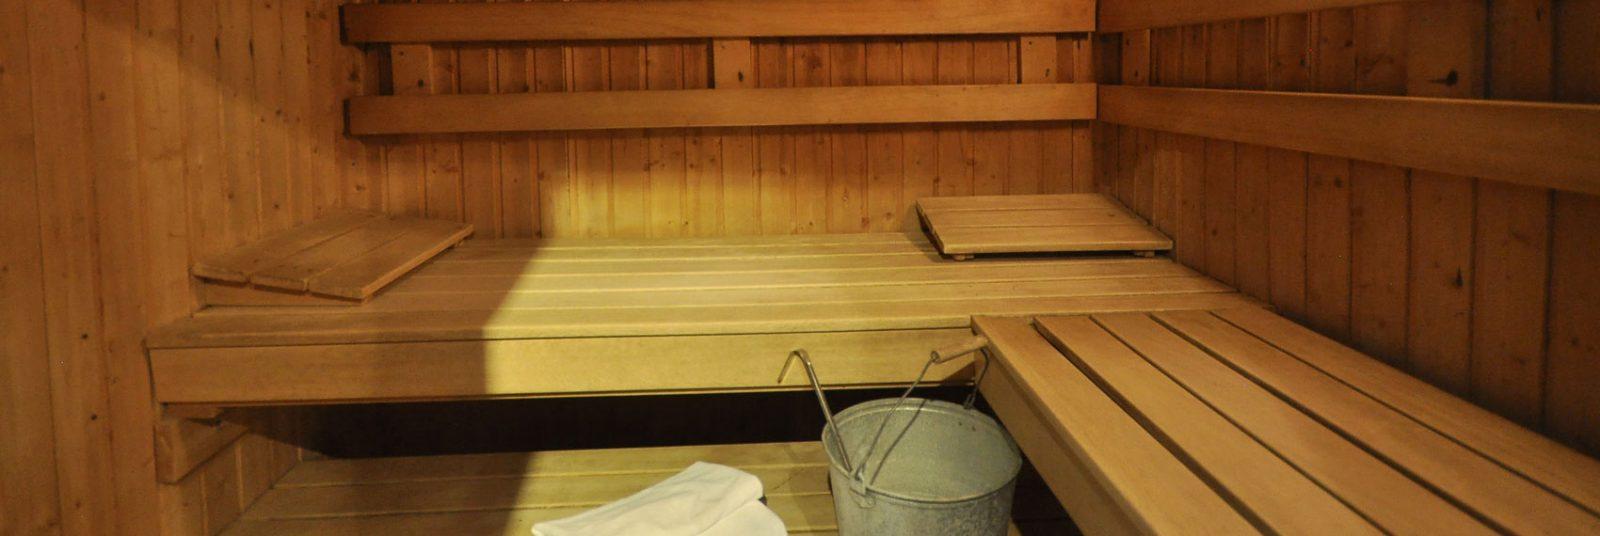 Sauna dans l'Hôtel Spa